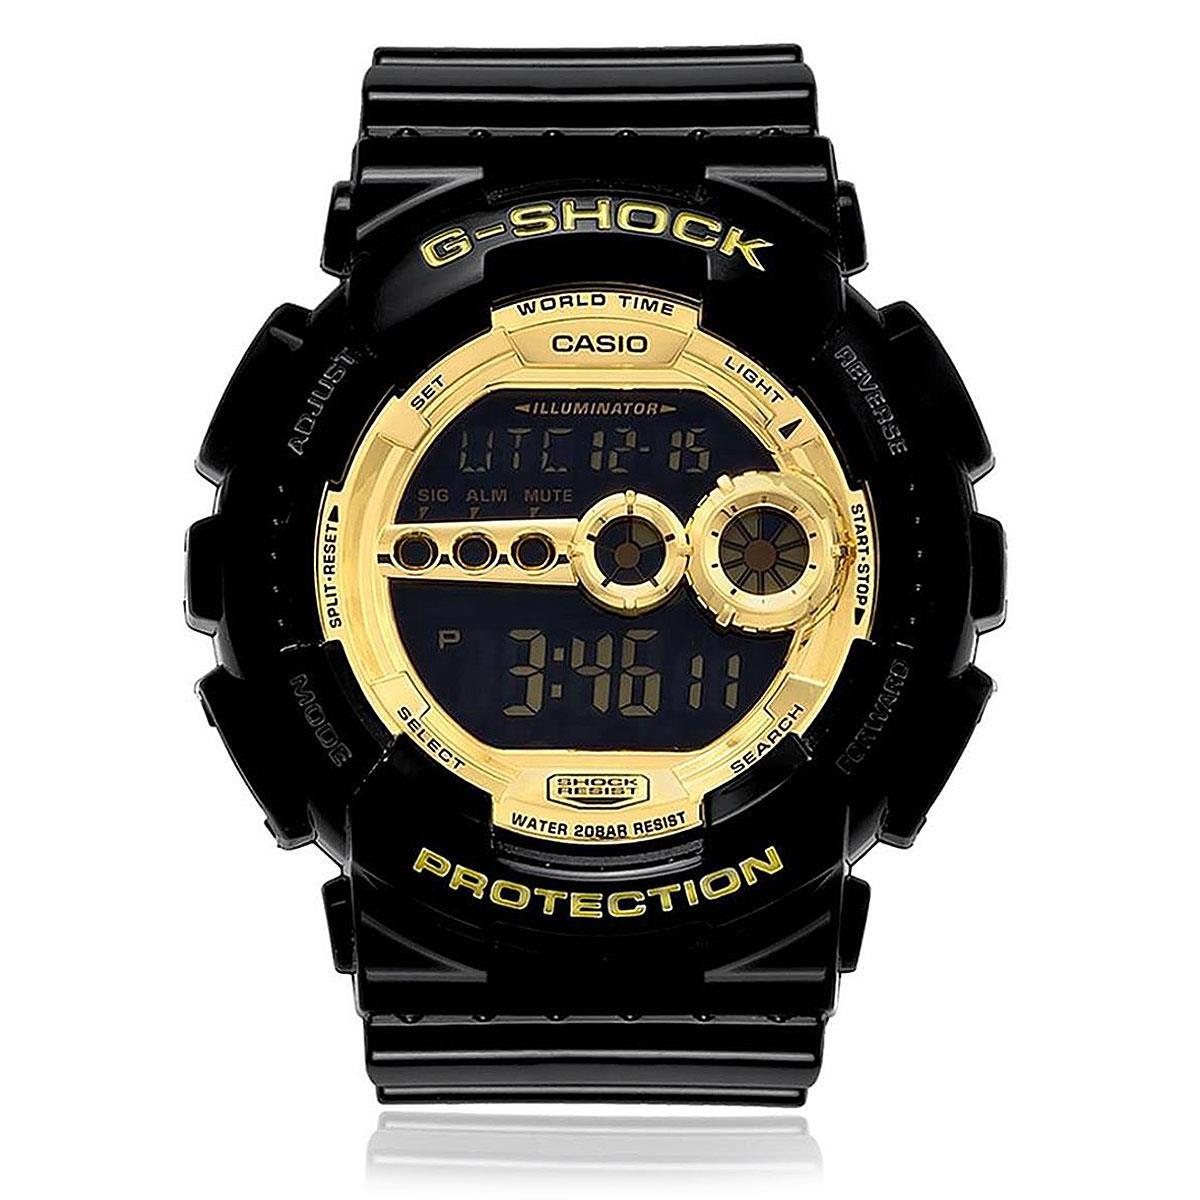 43b37f79ed3 Relógio Masculino Casio G-Shock Digital GD-100GB-1DR Preto